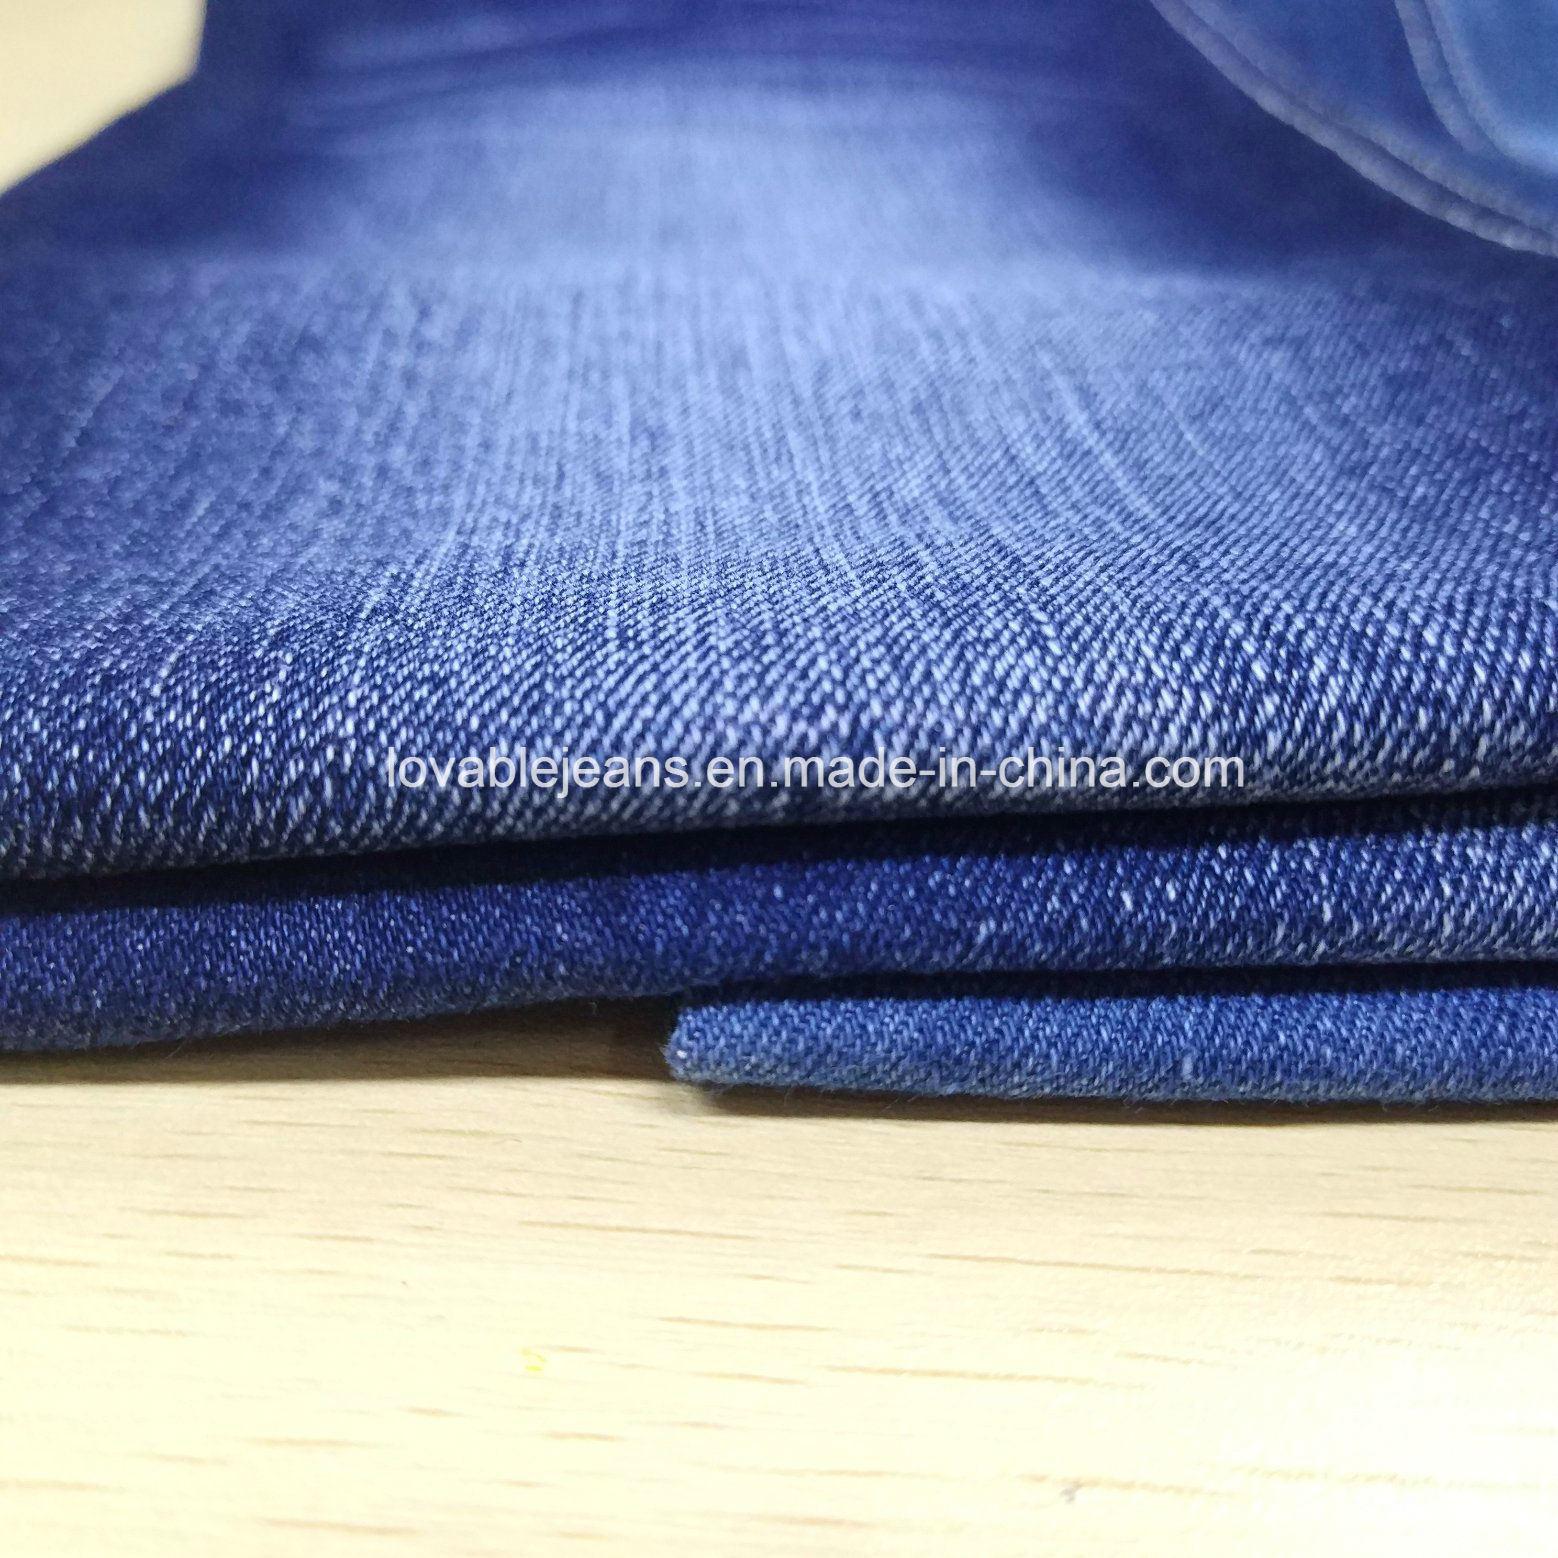 9oz Denim Fabric (WW117)